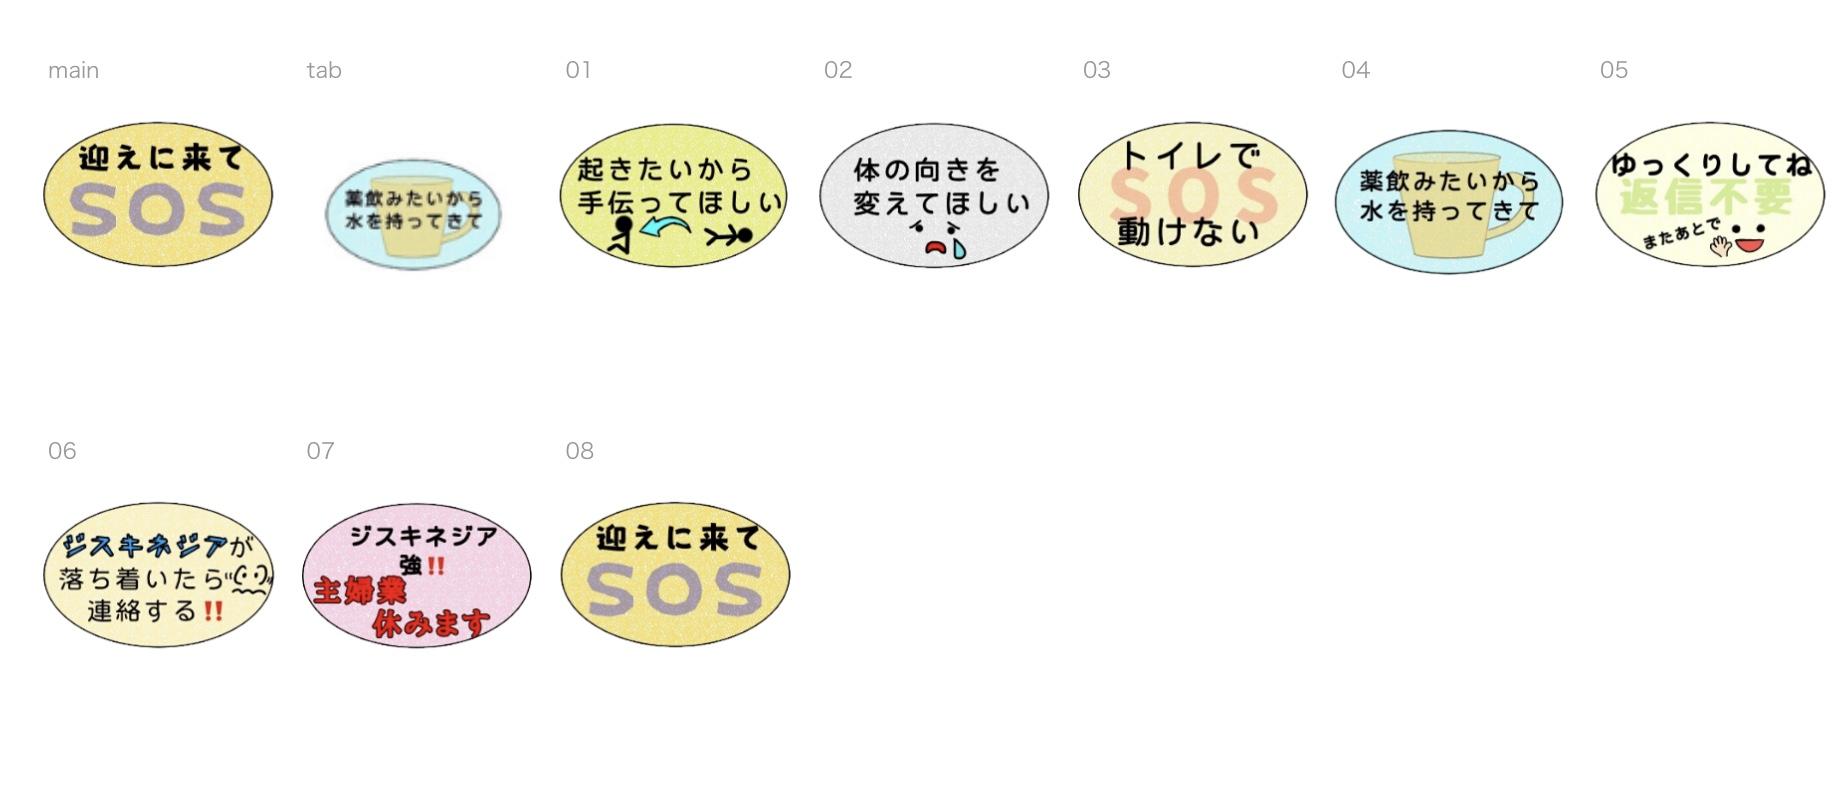 FE35D8FC-EDF1-48FC-9087-6C8E862E4717